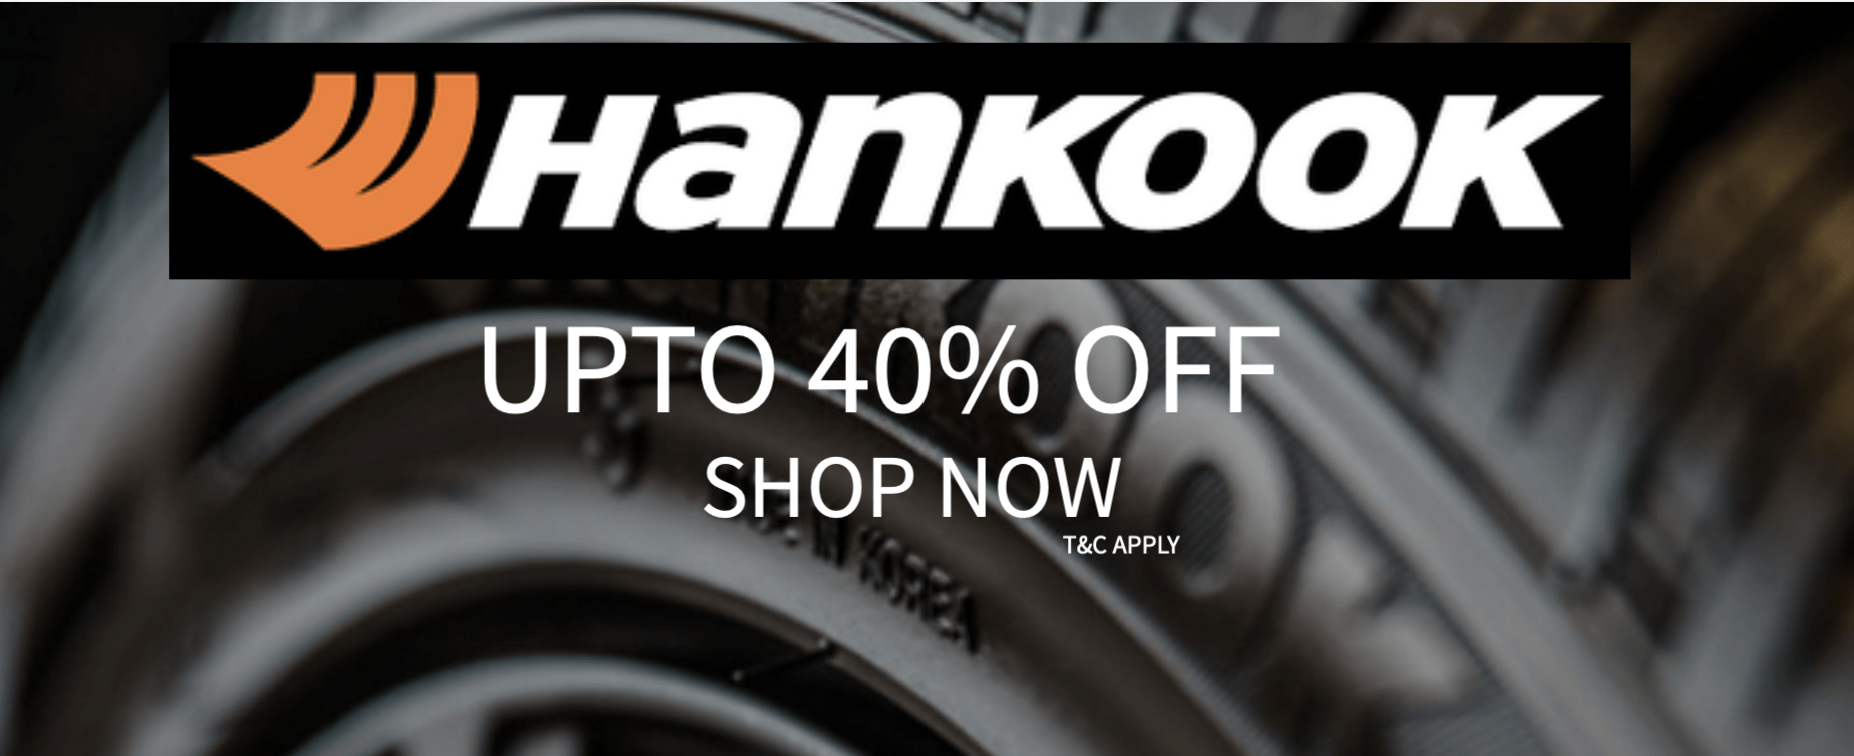 HANKOOK - Valley Tyres & Automotive – NorthShore Wheel & Tyre Shop